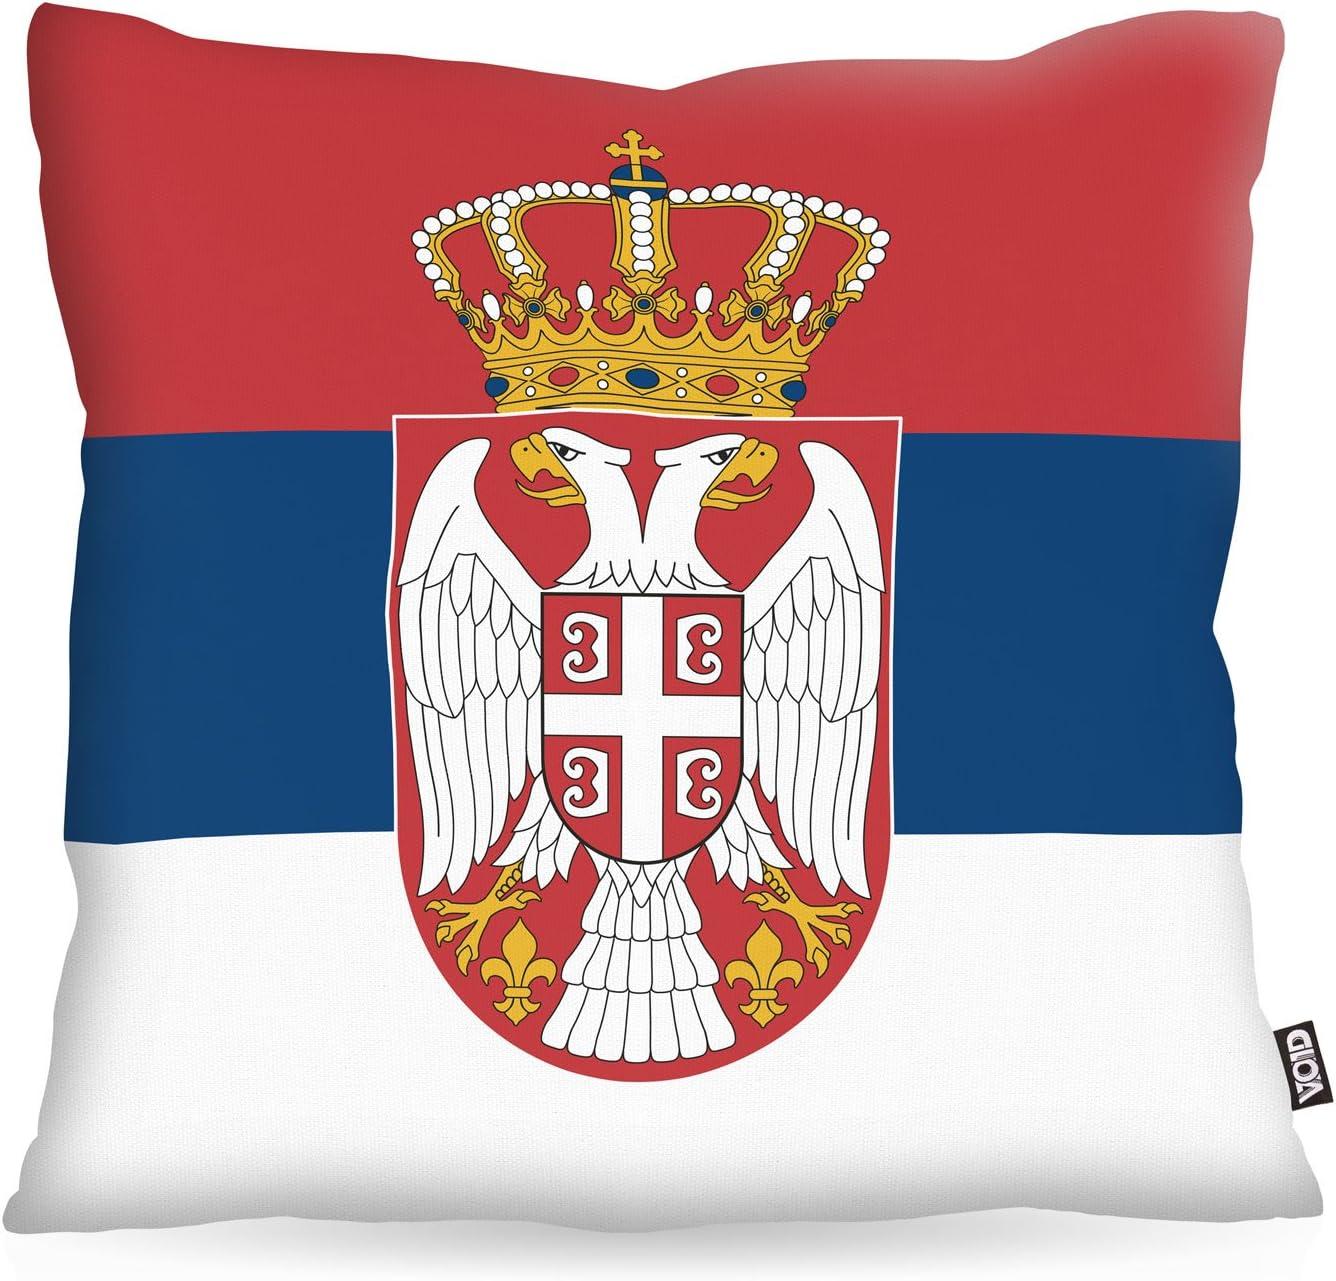 VOID poliéster almohada de Serbia Bandera de Fan funda de cojín (exterior Indoor Multicolor, poliéster, 50 x 50 cm: Amazon.es: Hogar